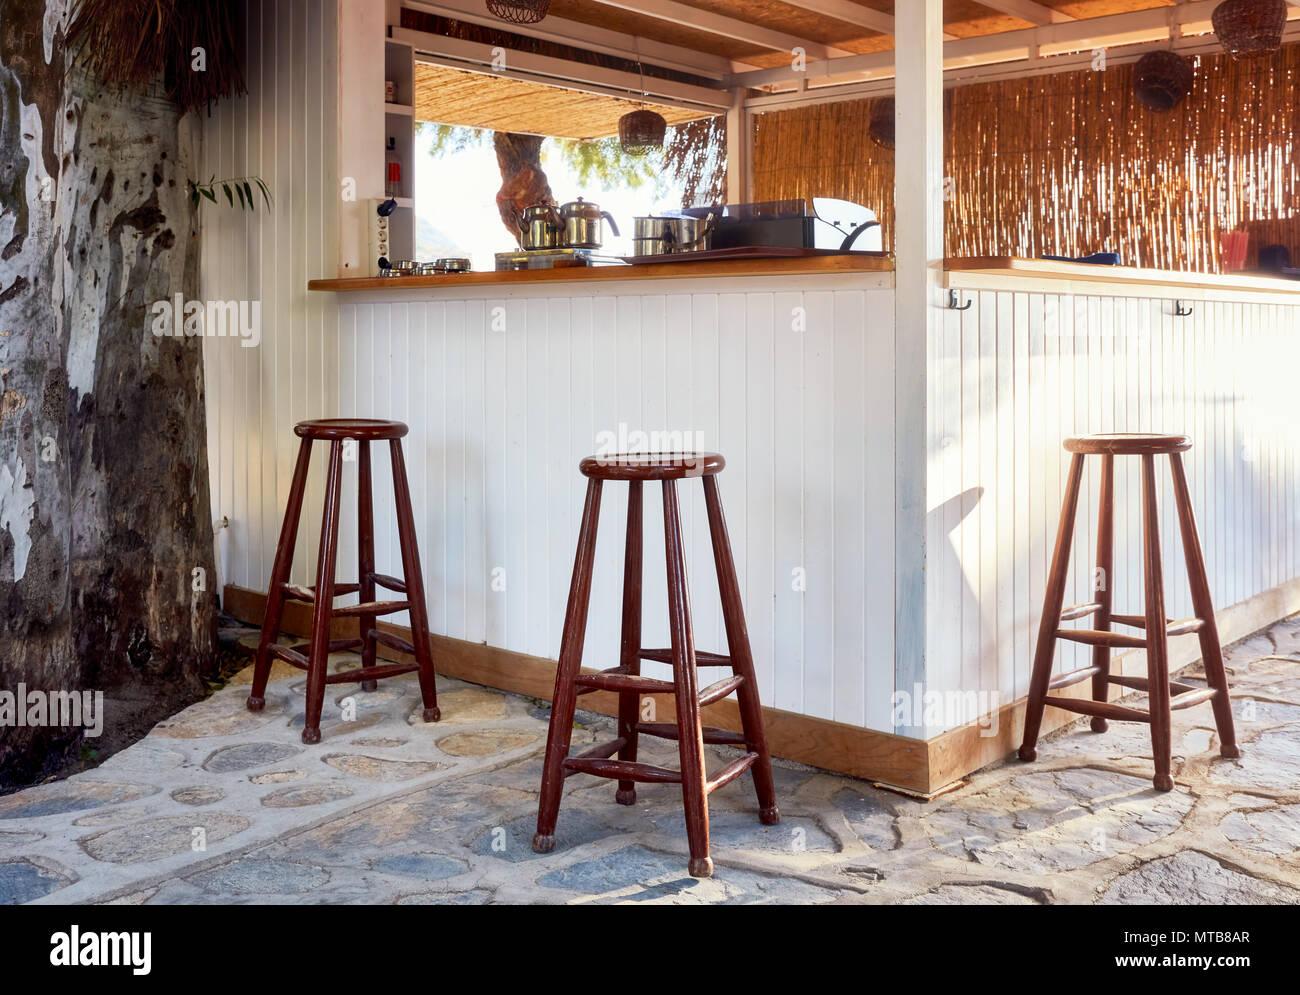 Marrone tre sgabelli in legno attorno ad una vacanza outdoor cafe